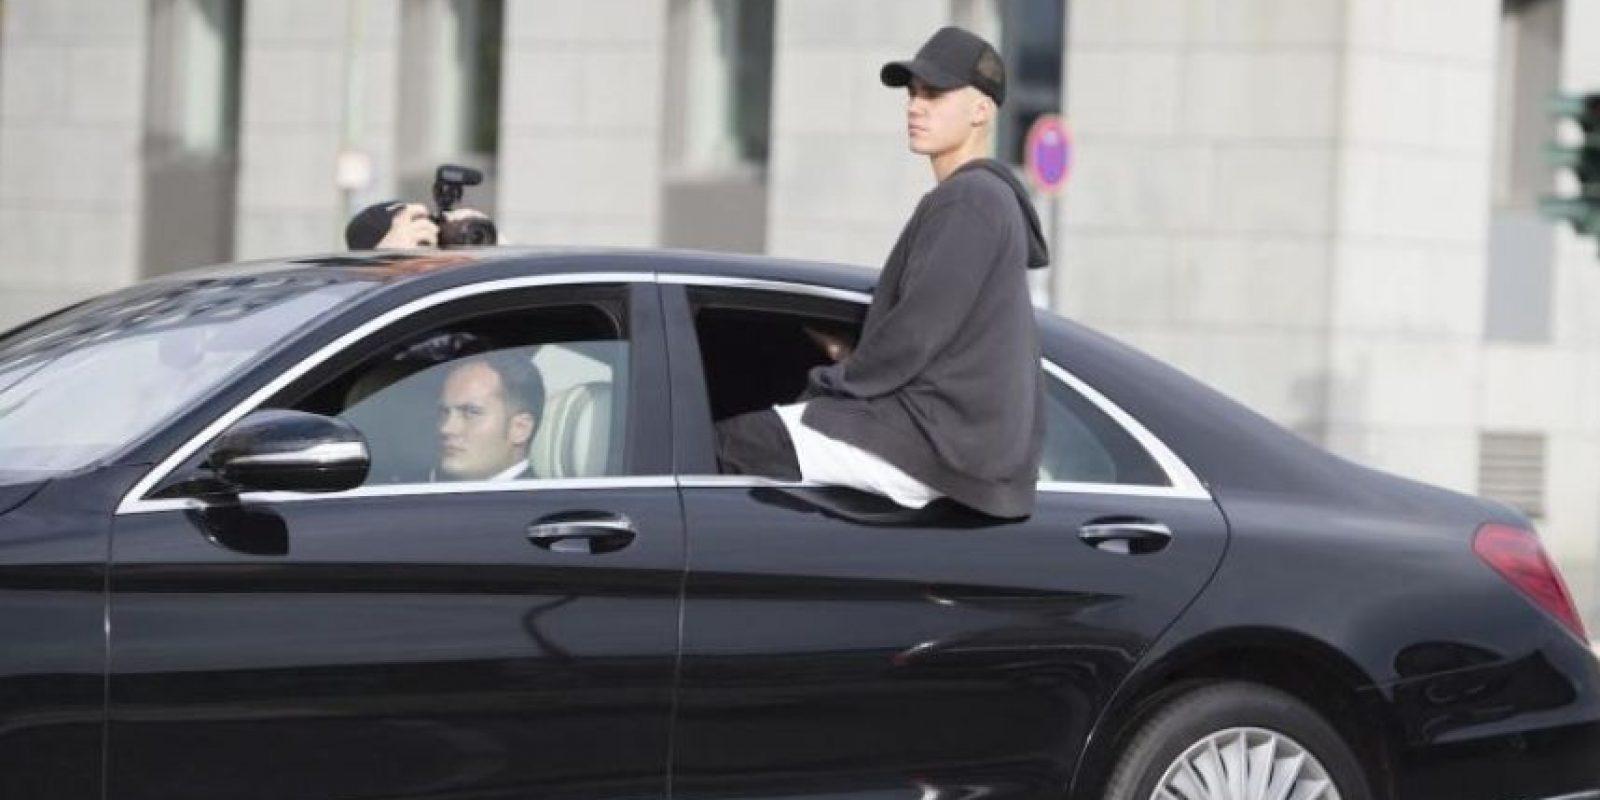 """4. En el 2013 durante el desfile de Victoria's Secret, antes de salir al escenario Justin vio los pechos de la modelo Jourdan Dunn, a los cuales alabó al decir que """"estaban bonitos"""", lo que hizo que ésta se incomodara y pusiera nerviosa. Foto:Grosby Group"""